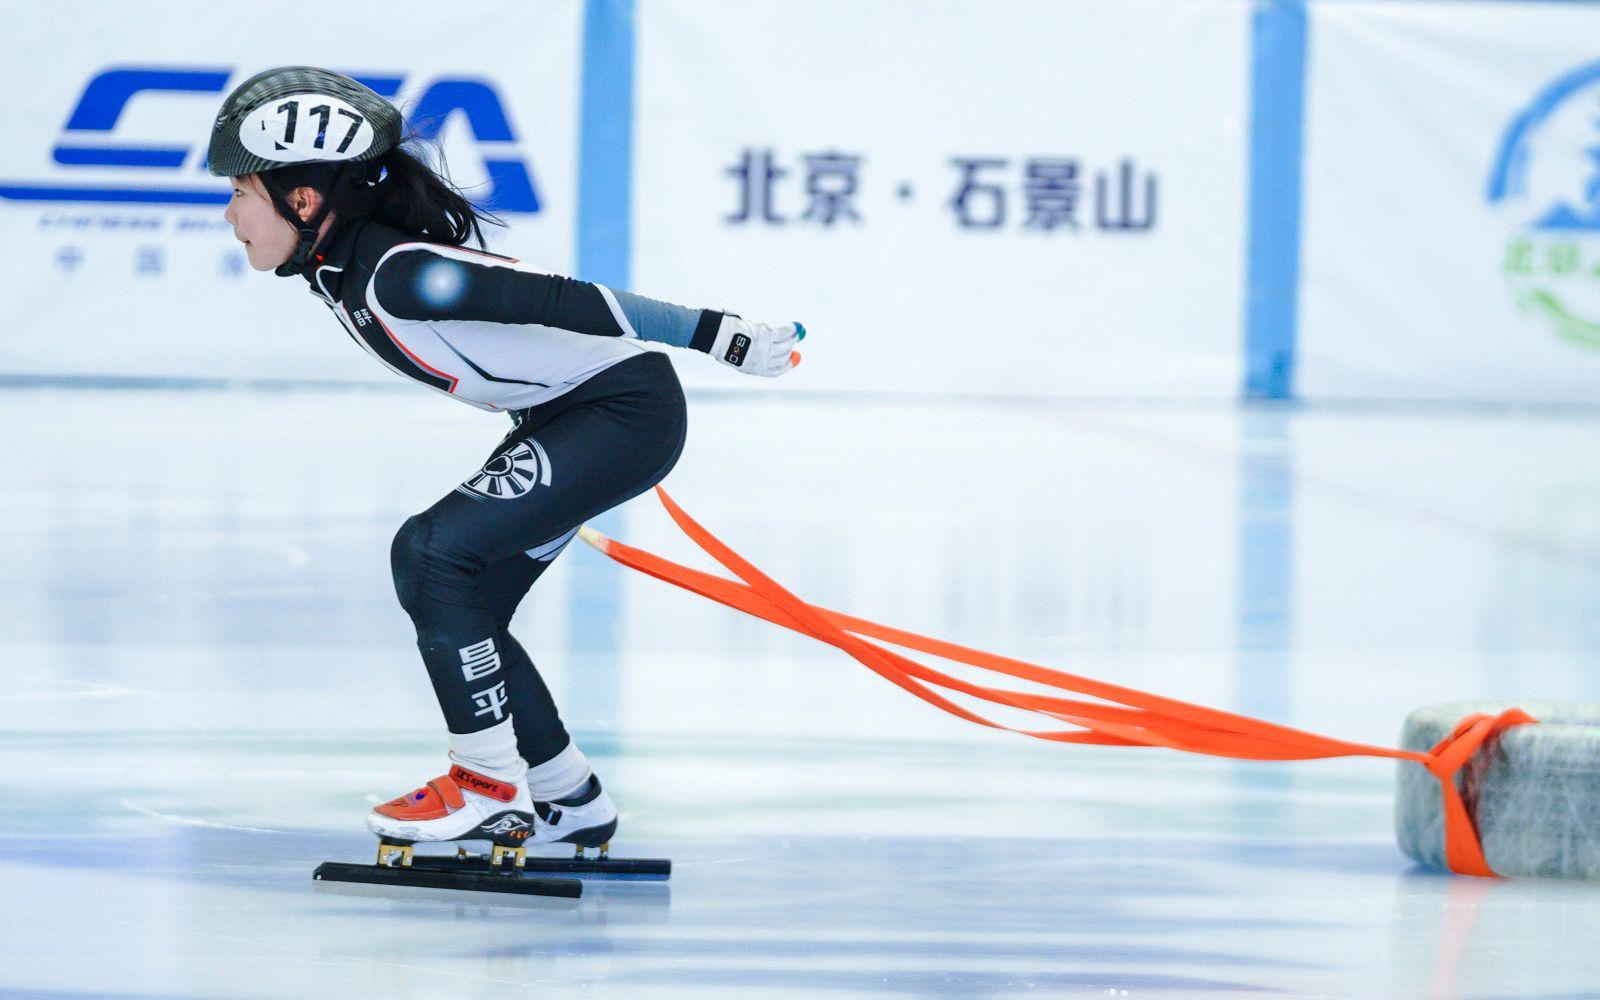 中国滑冰协会俱乐部滑冰公开赛北京站开幕图片